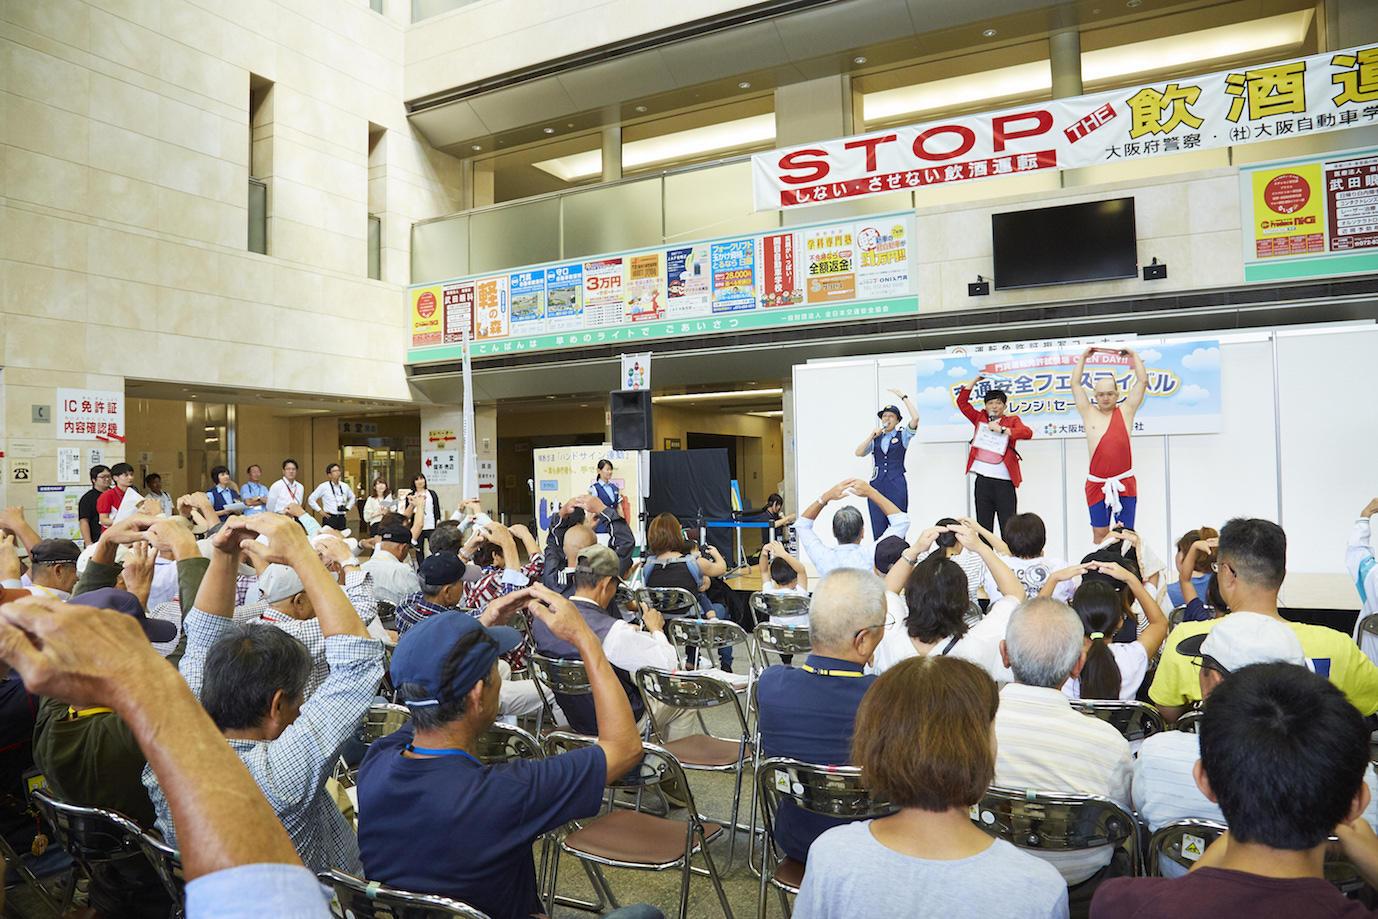 http://news.yoshimoto.co.jp/20181012090344-e4c873140185fd6fb21250f4b7294505a8ae0abd.jpg